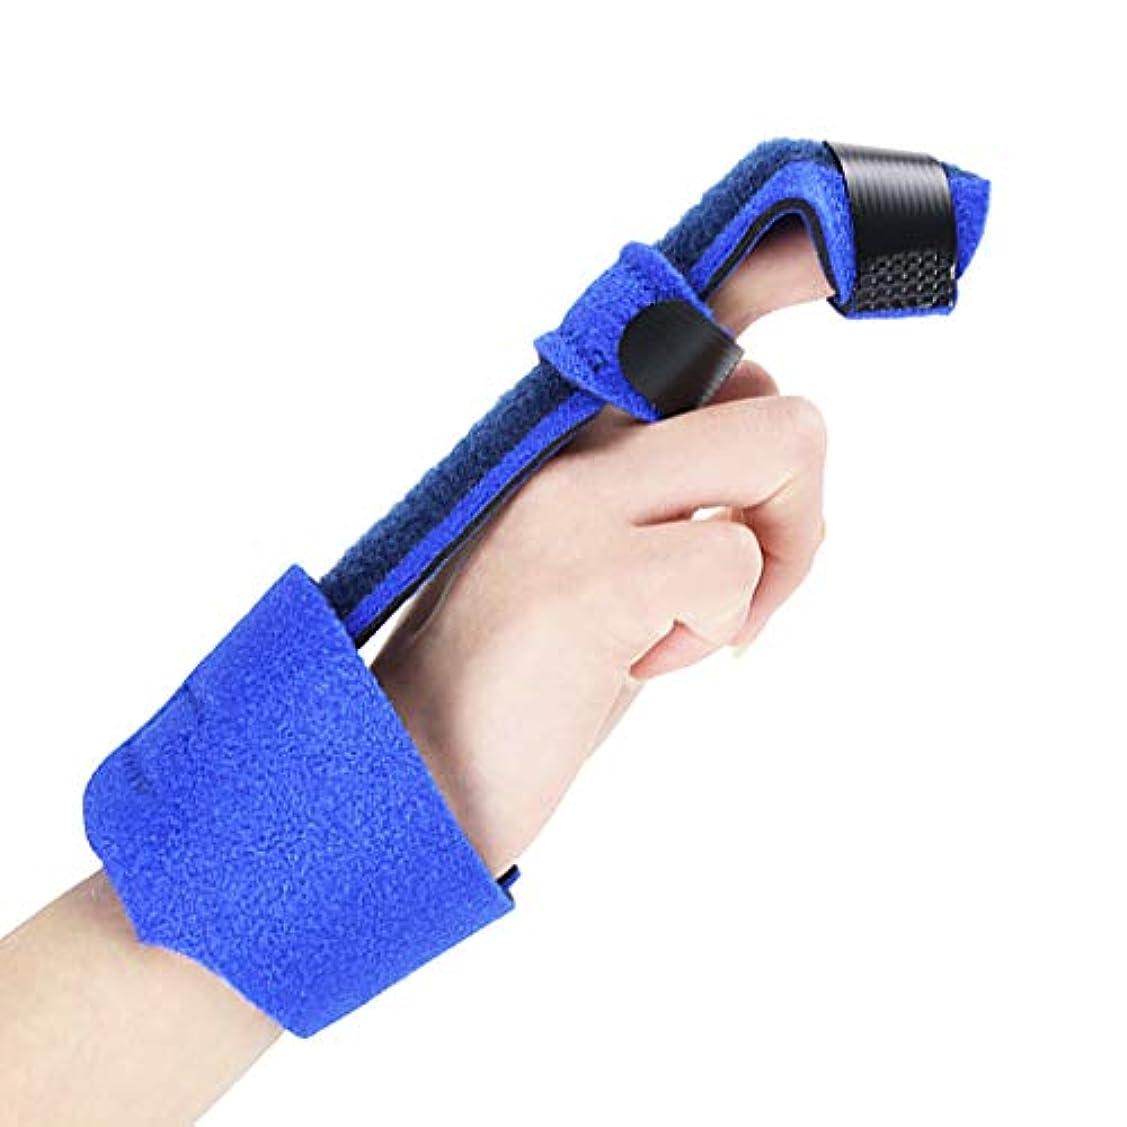 現象ブロックするしょっぱい指の装具 - 調節可能な指の救助のリハビリテーションのベルト、関節炎の腱炎の捻挫の苦痛固定副木のリハビリテーション装置,1pcs